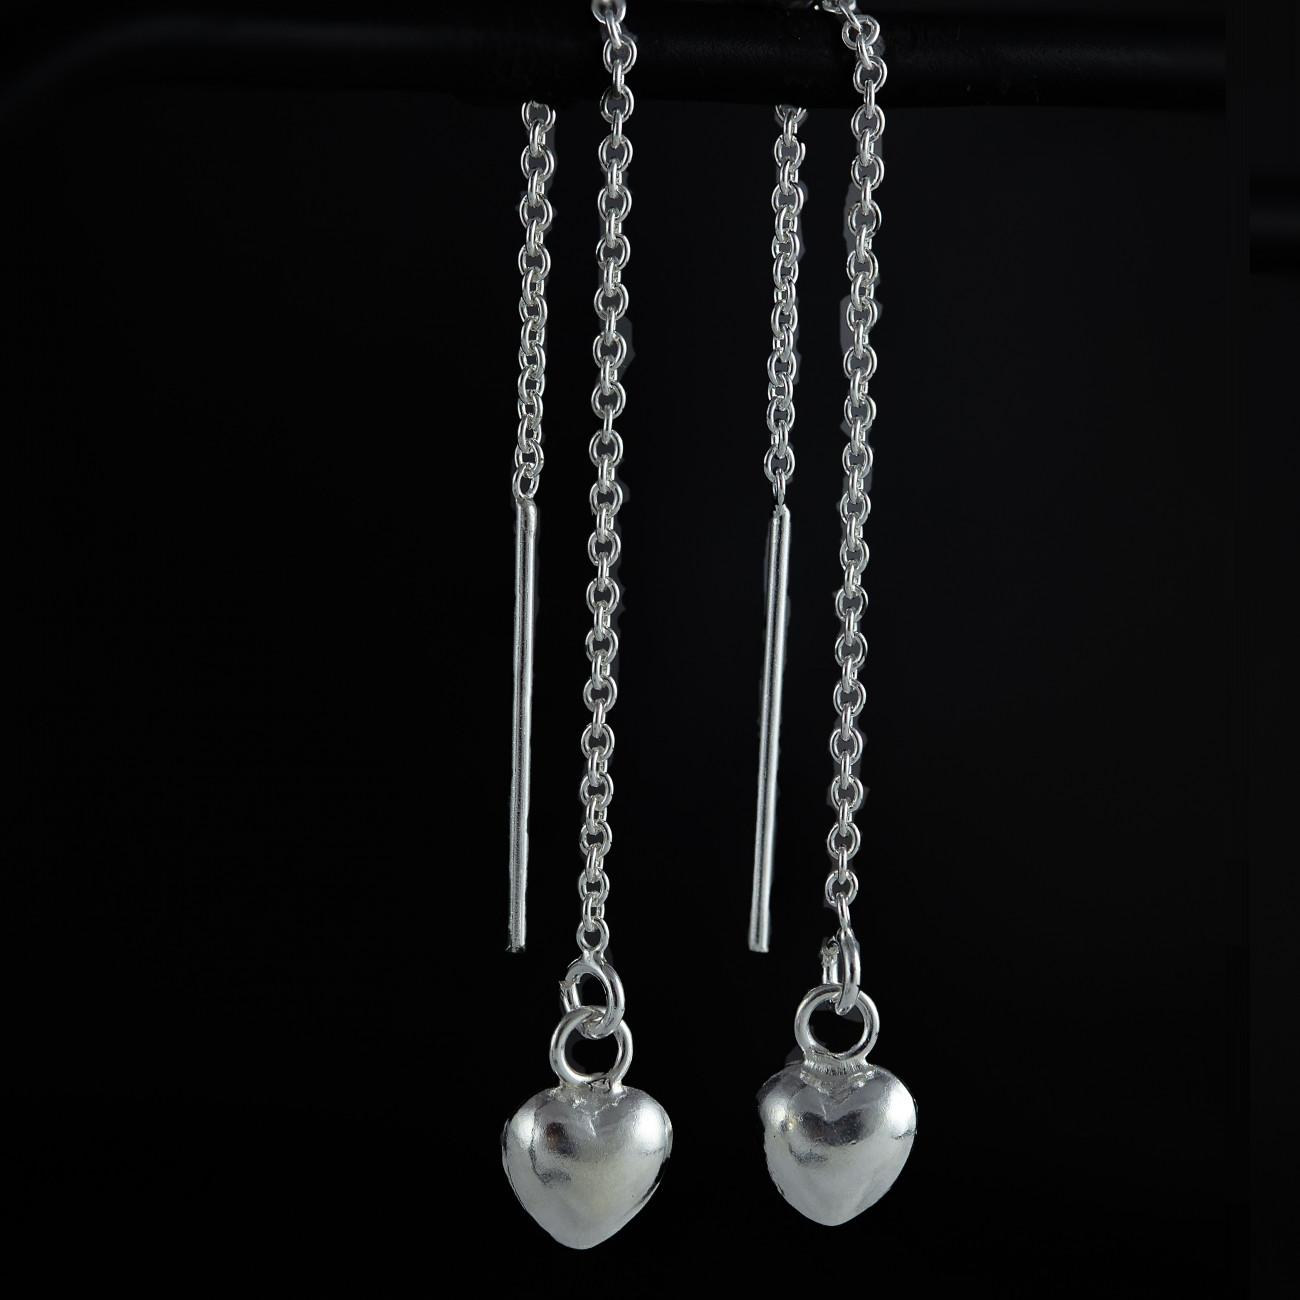 Stříbrné náušnice visací - provlékací řetízek se srdíčky